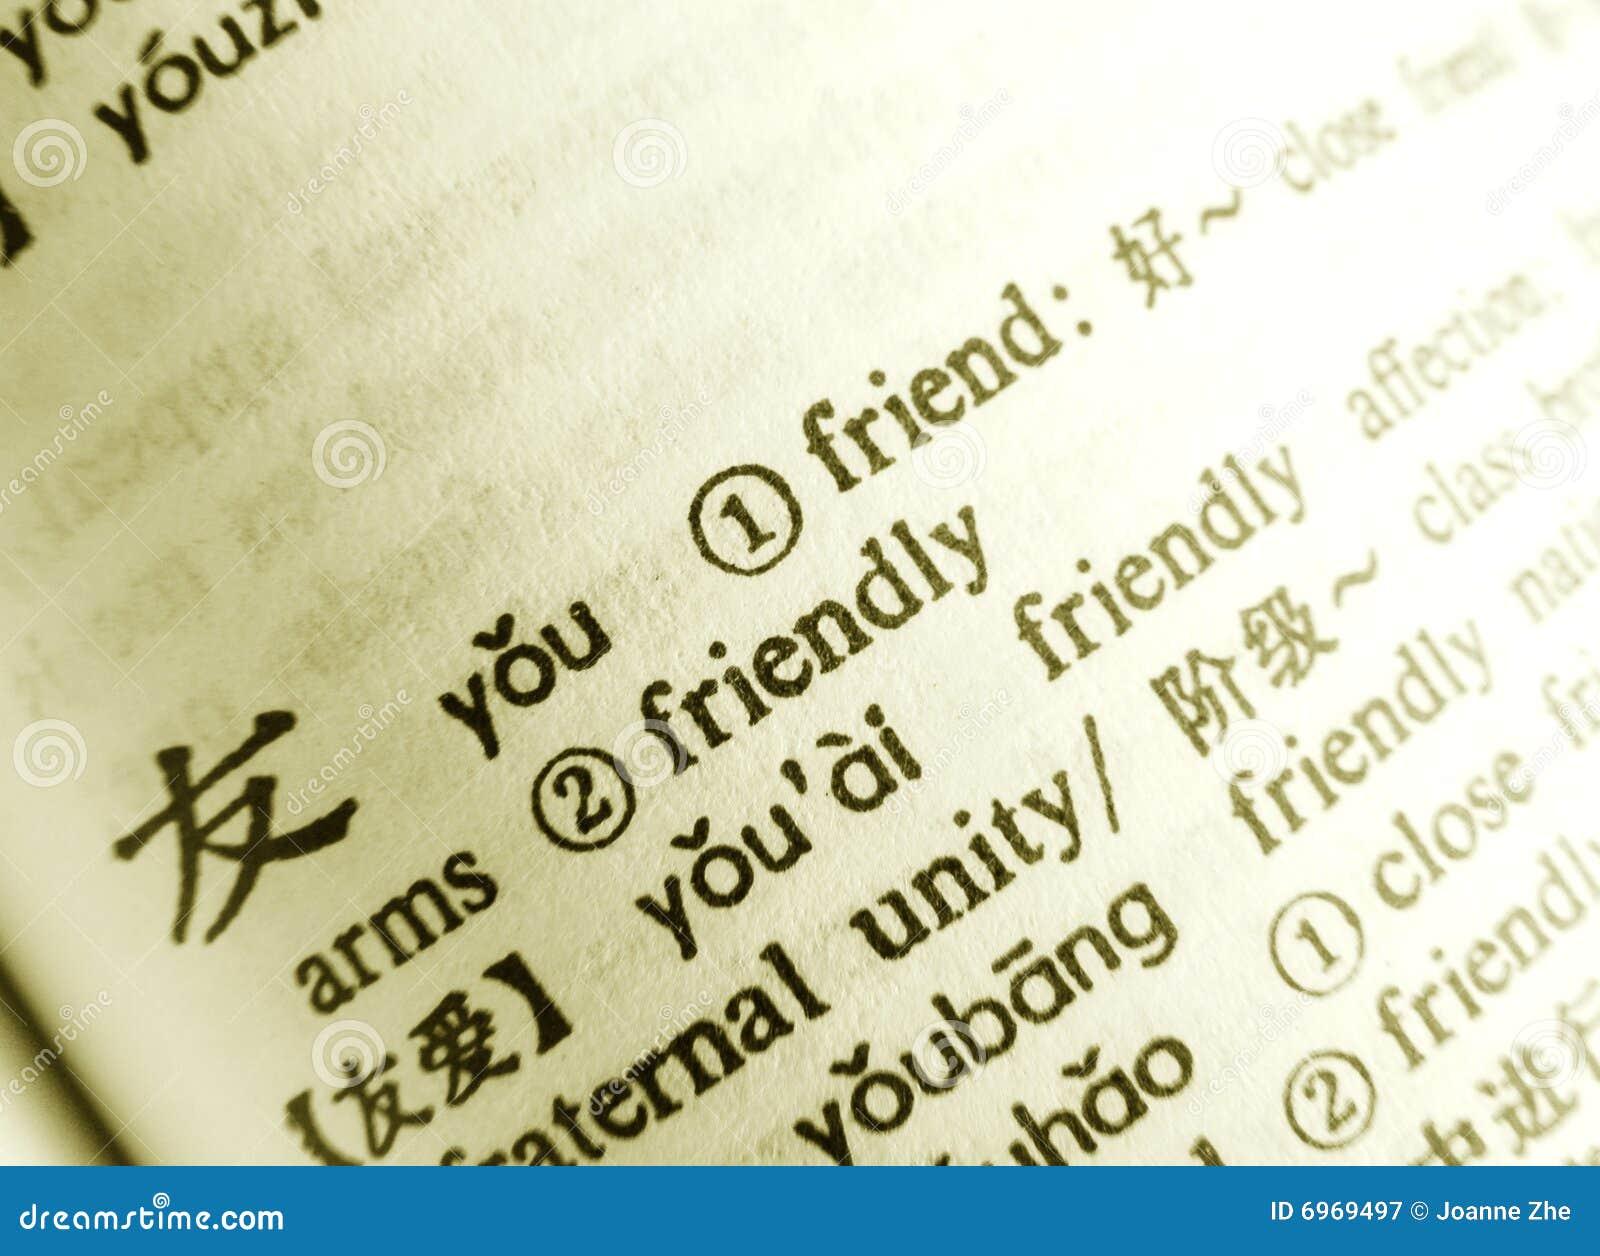 Wort-Freund in der chinesischen Sprache